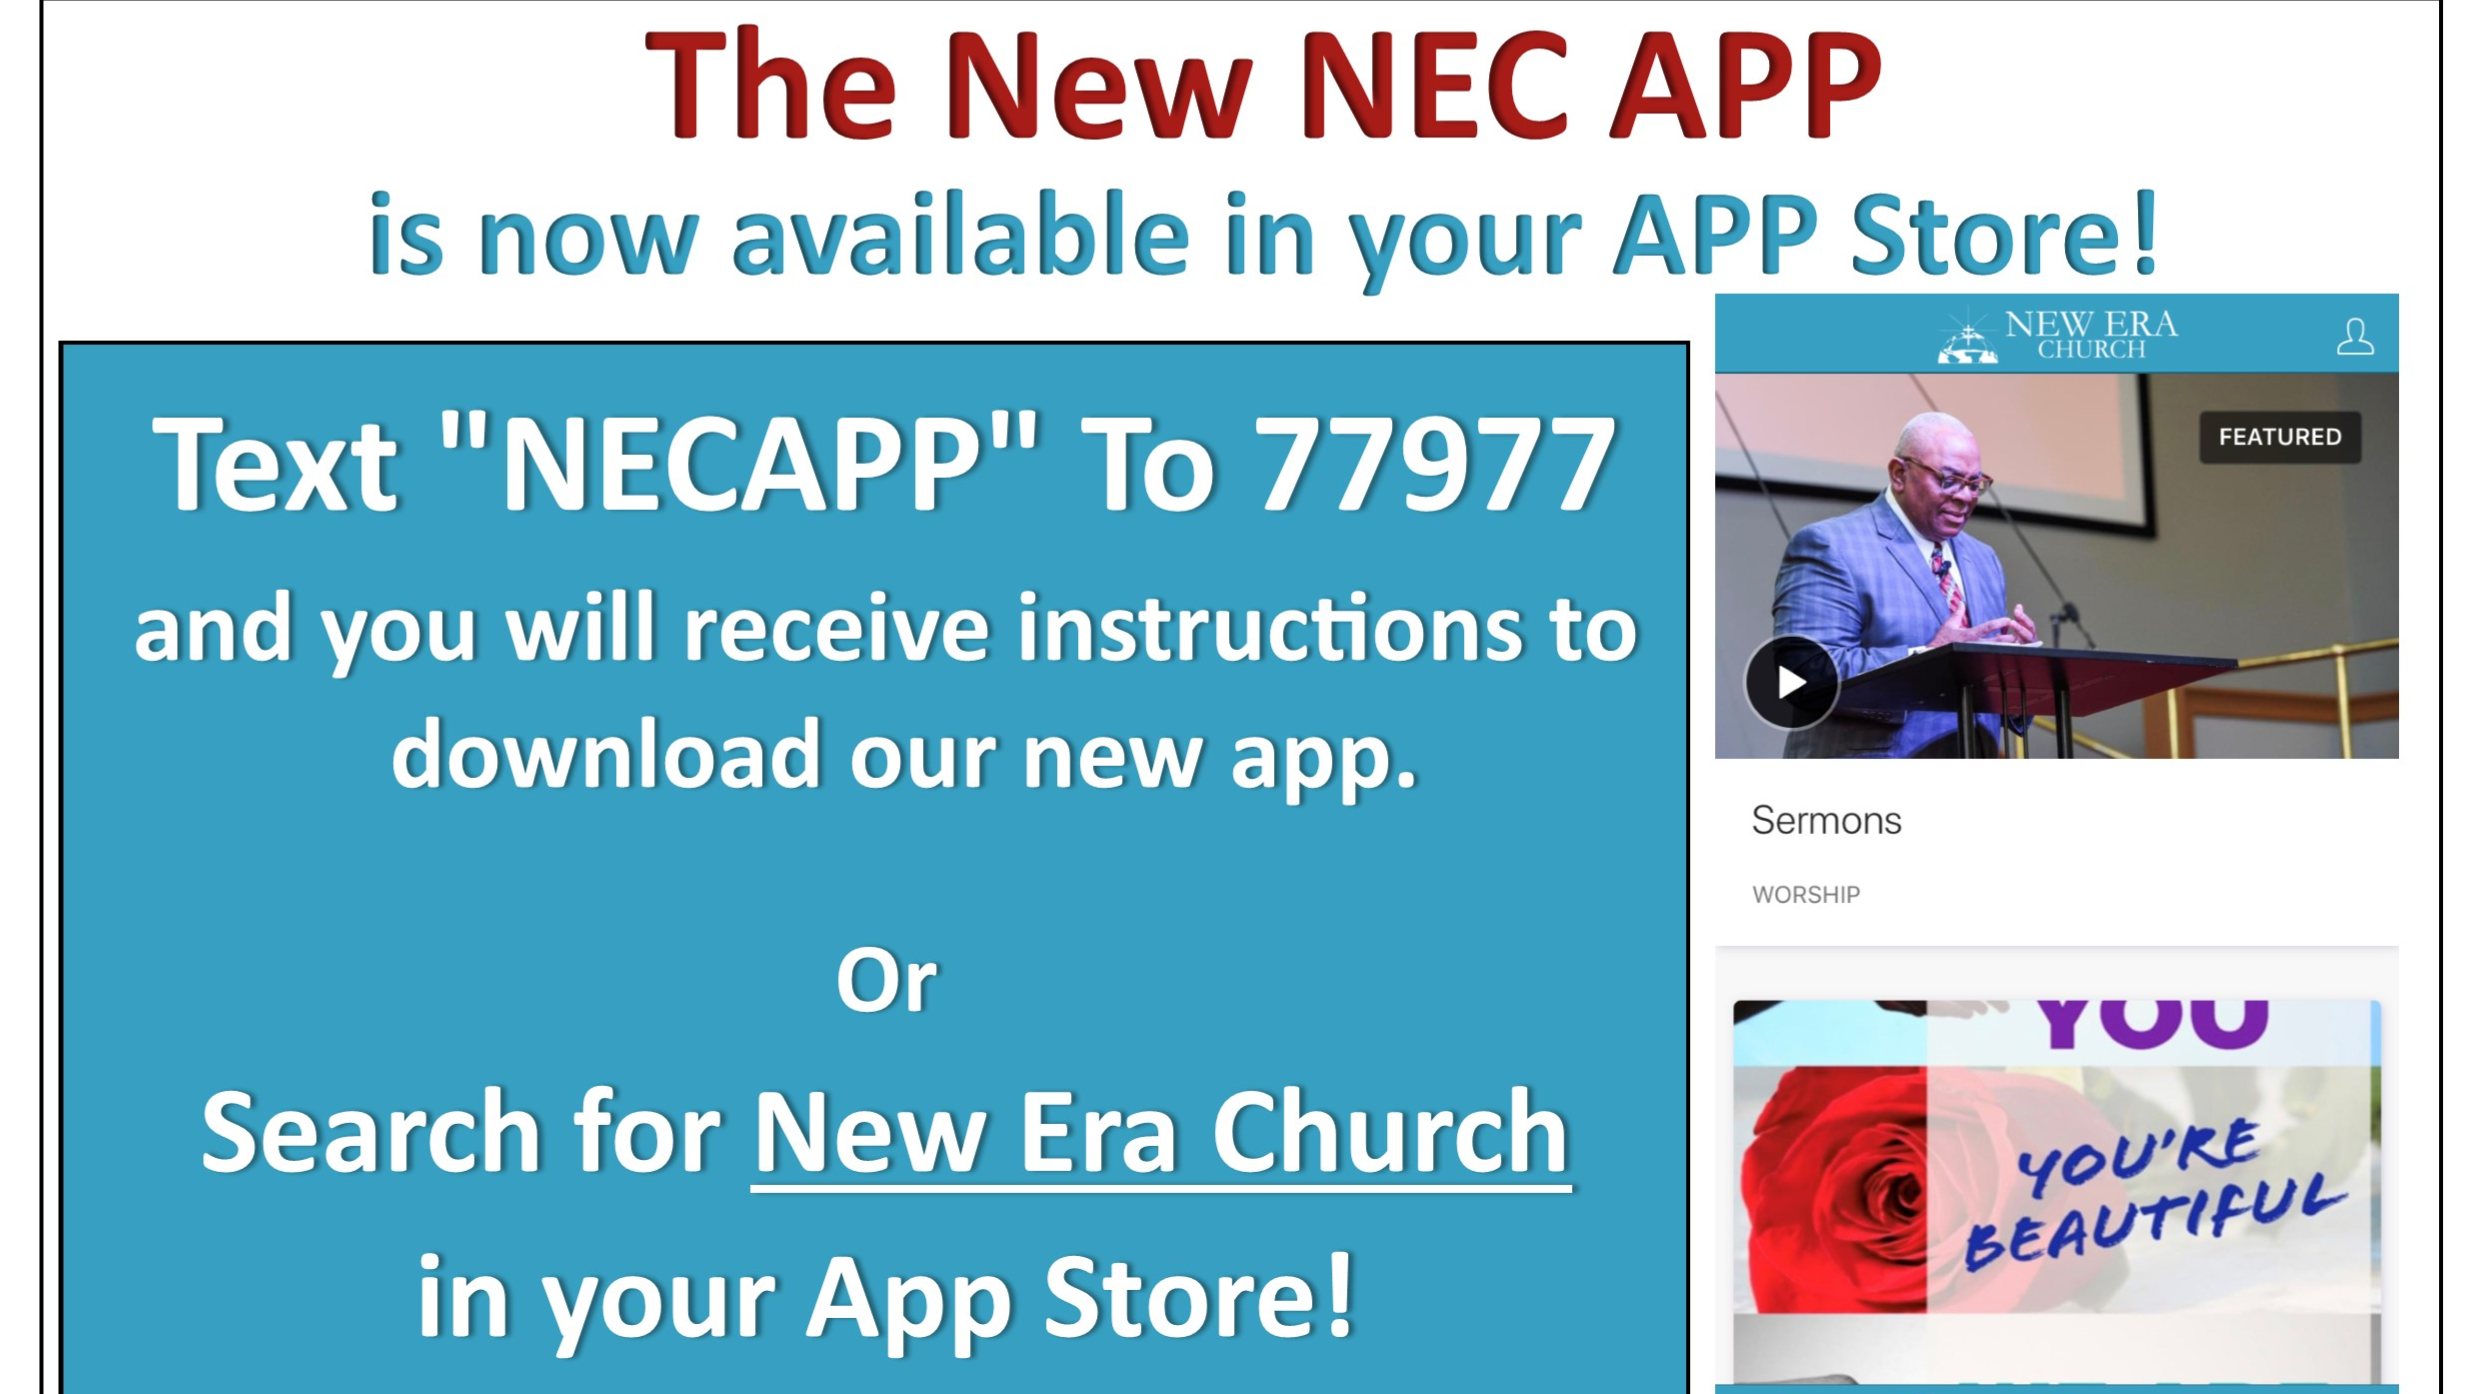 New Era Church App - App Store 2019_edit